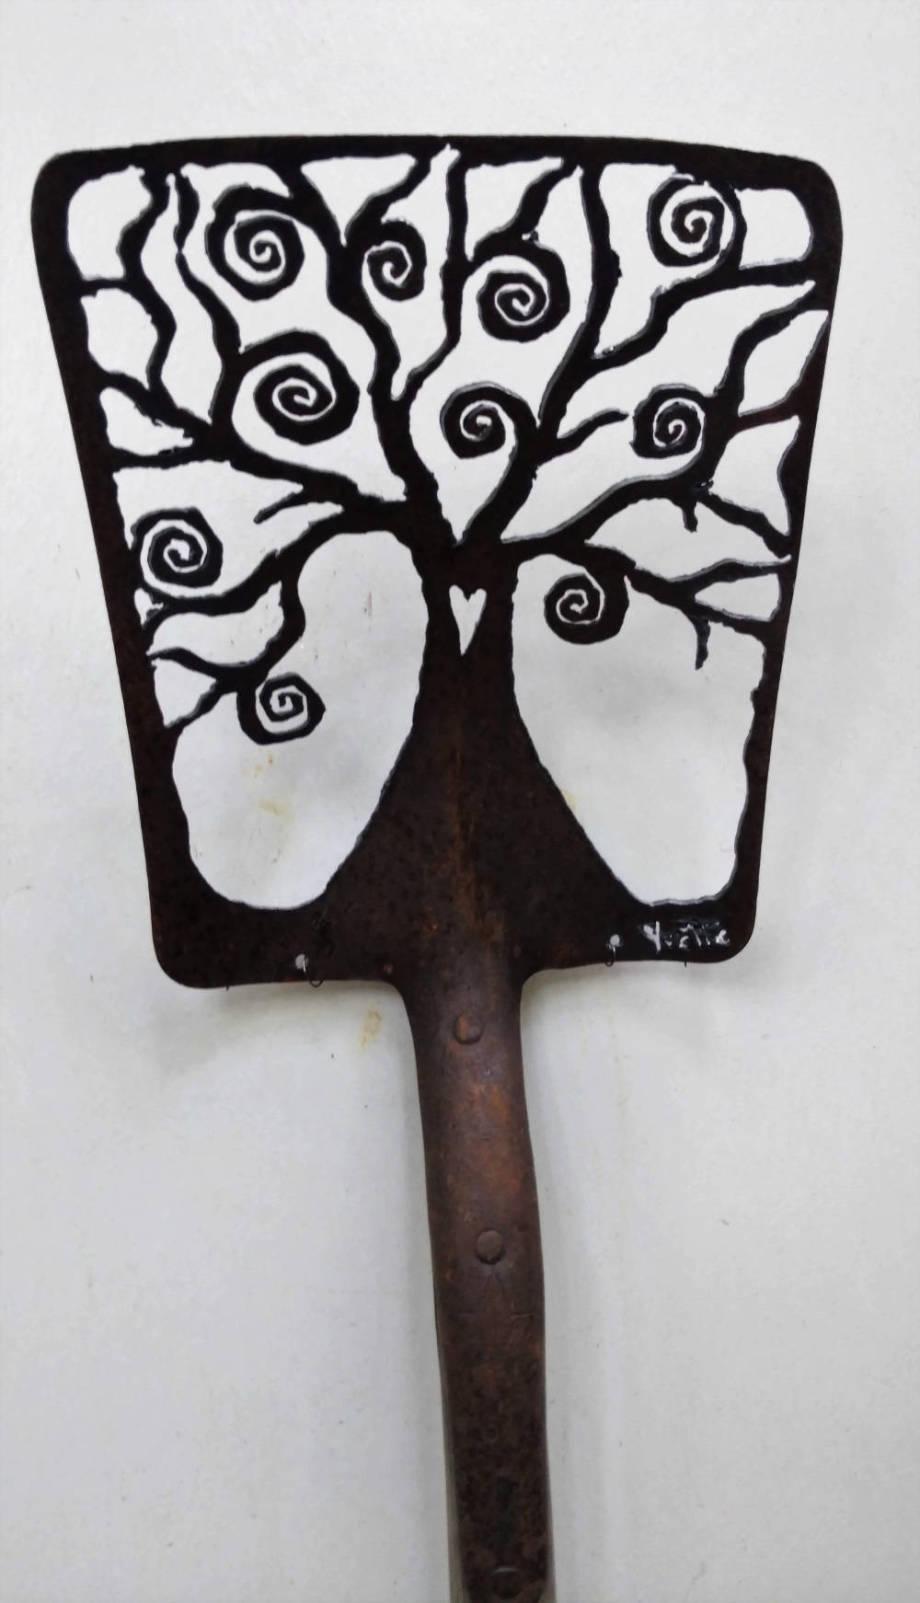 Antique Spiral Tree shovel